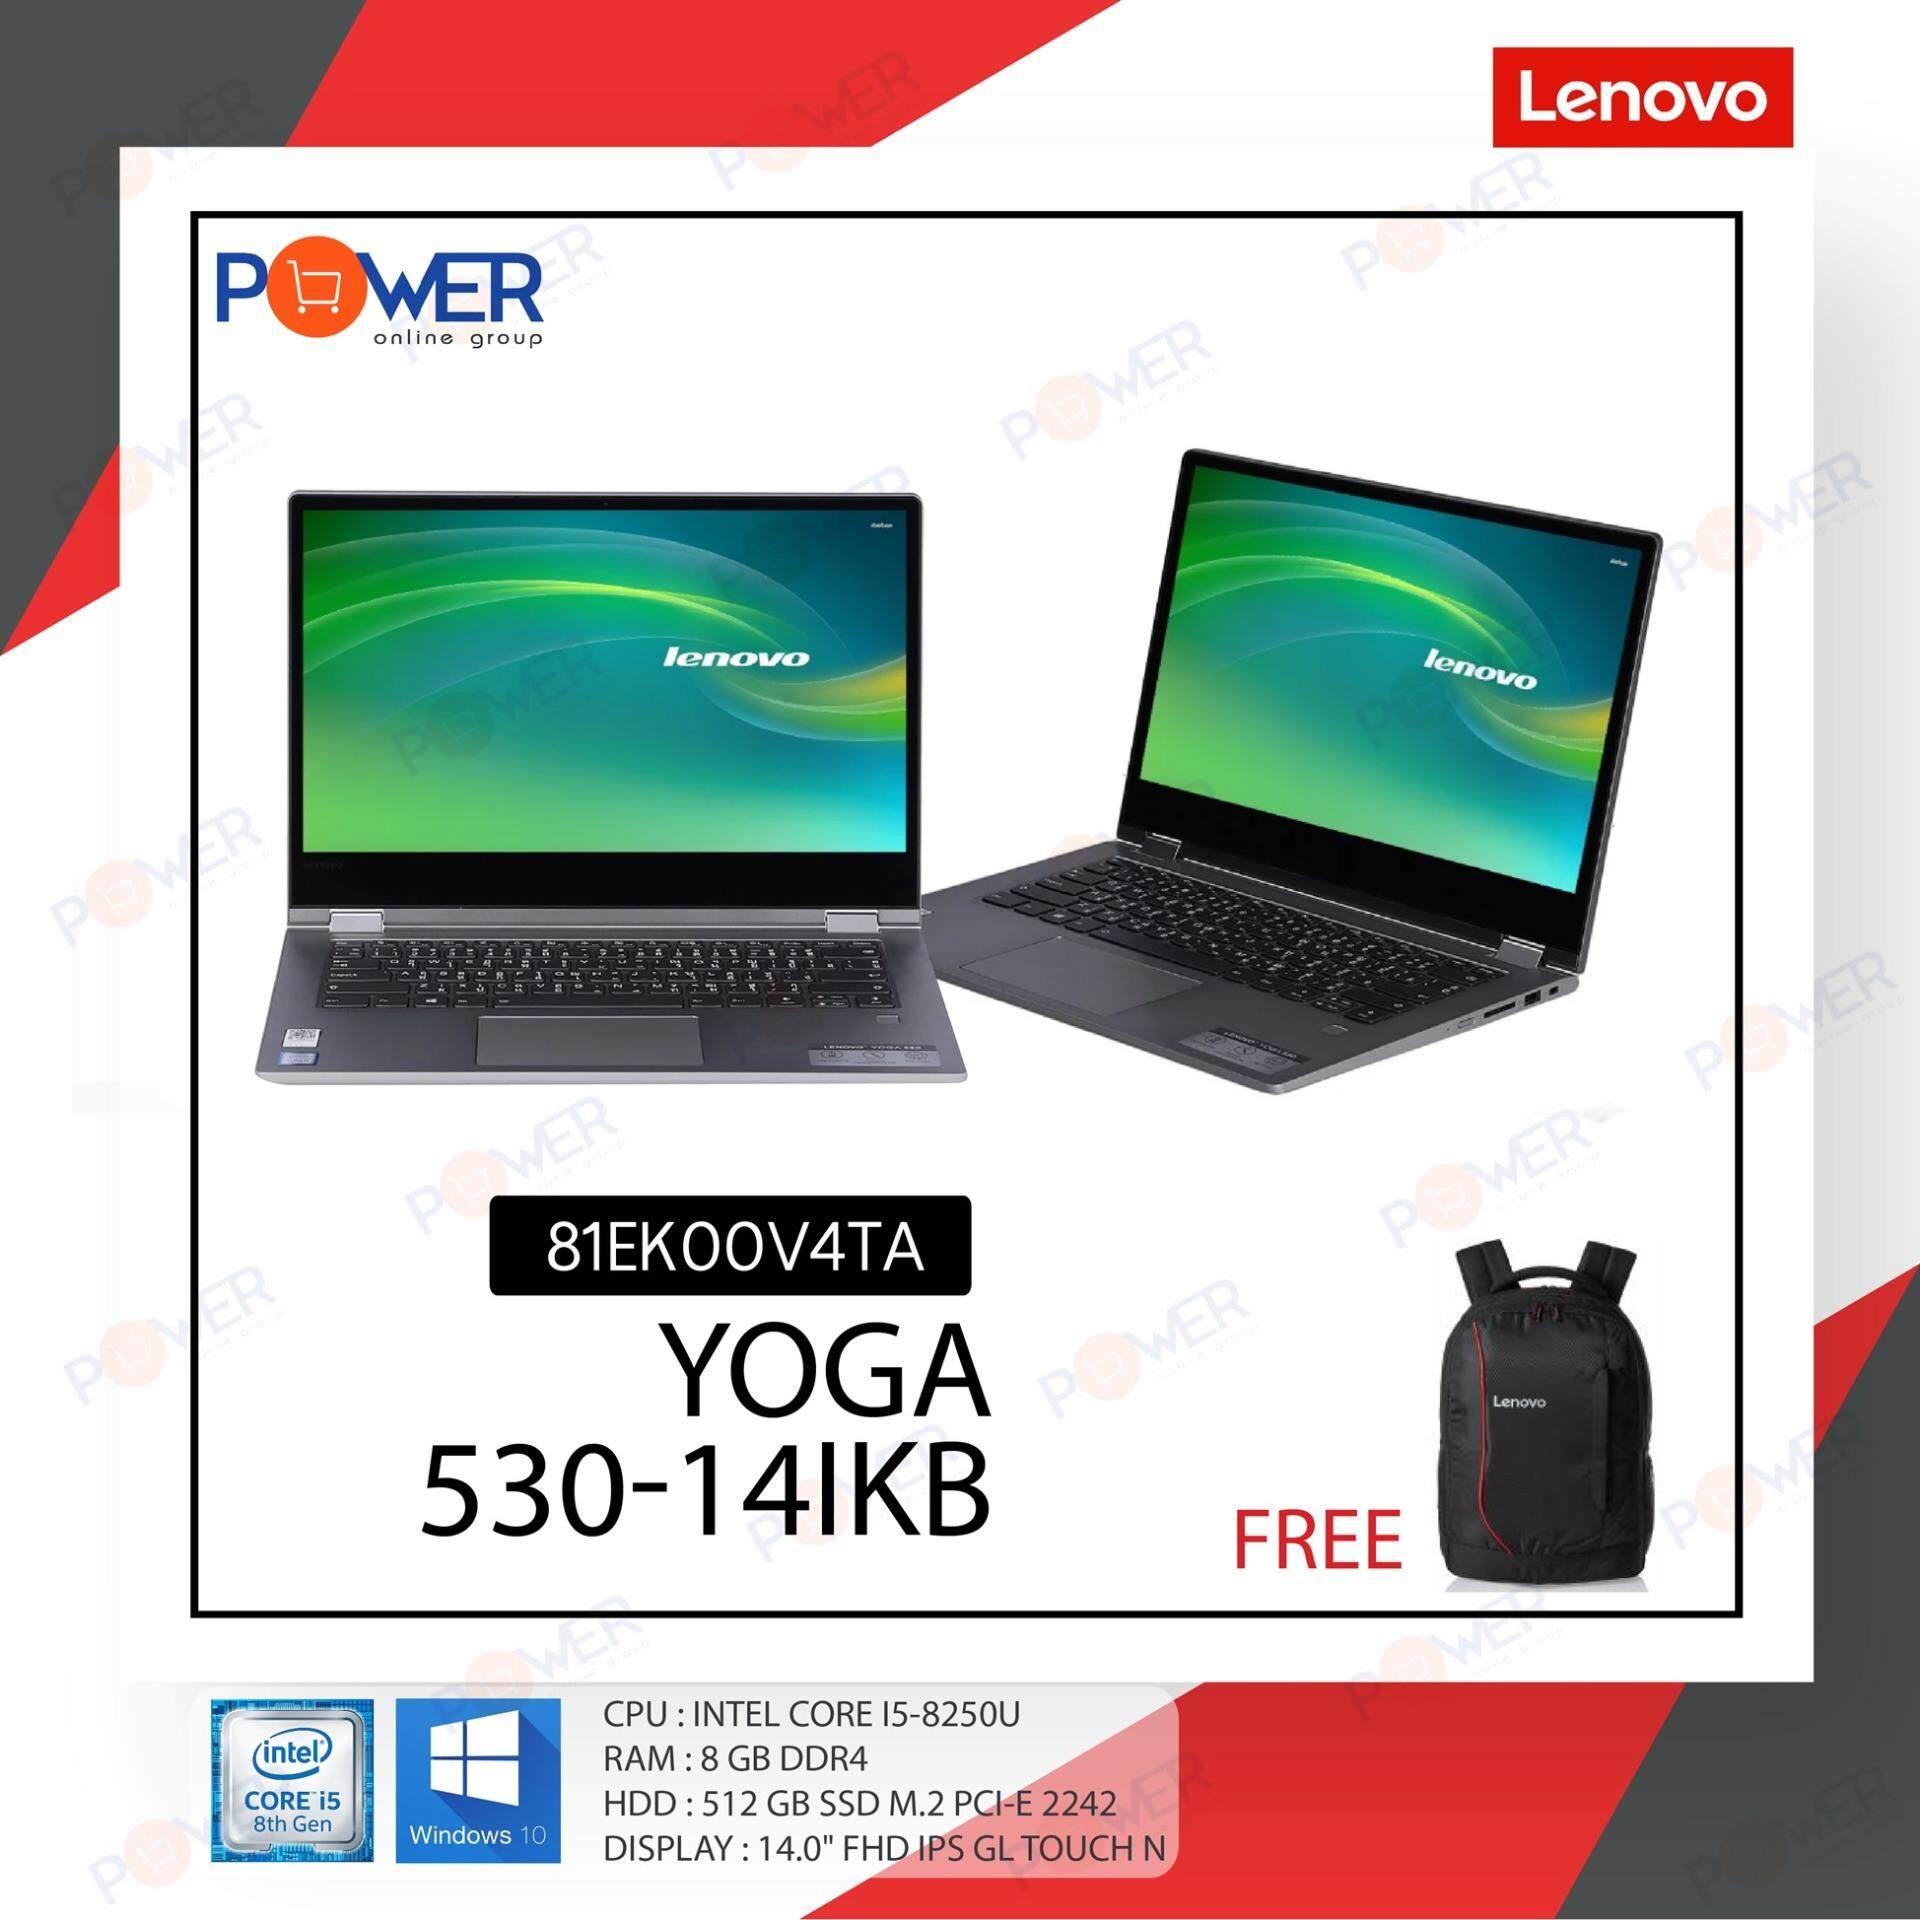 Lenovo YOGA 530-14IKB (81EK00V4TA) i5-8250U/16GB/512GB M 2/MX130 GDDR5  2G/14